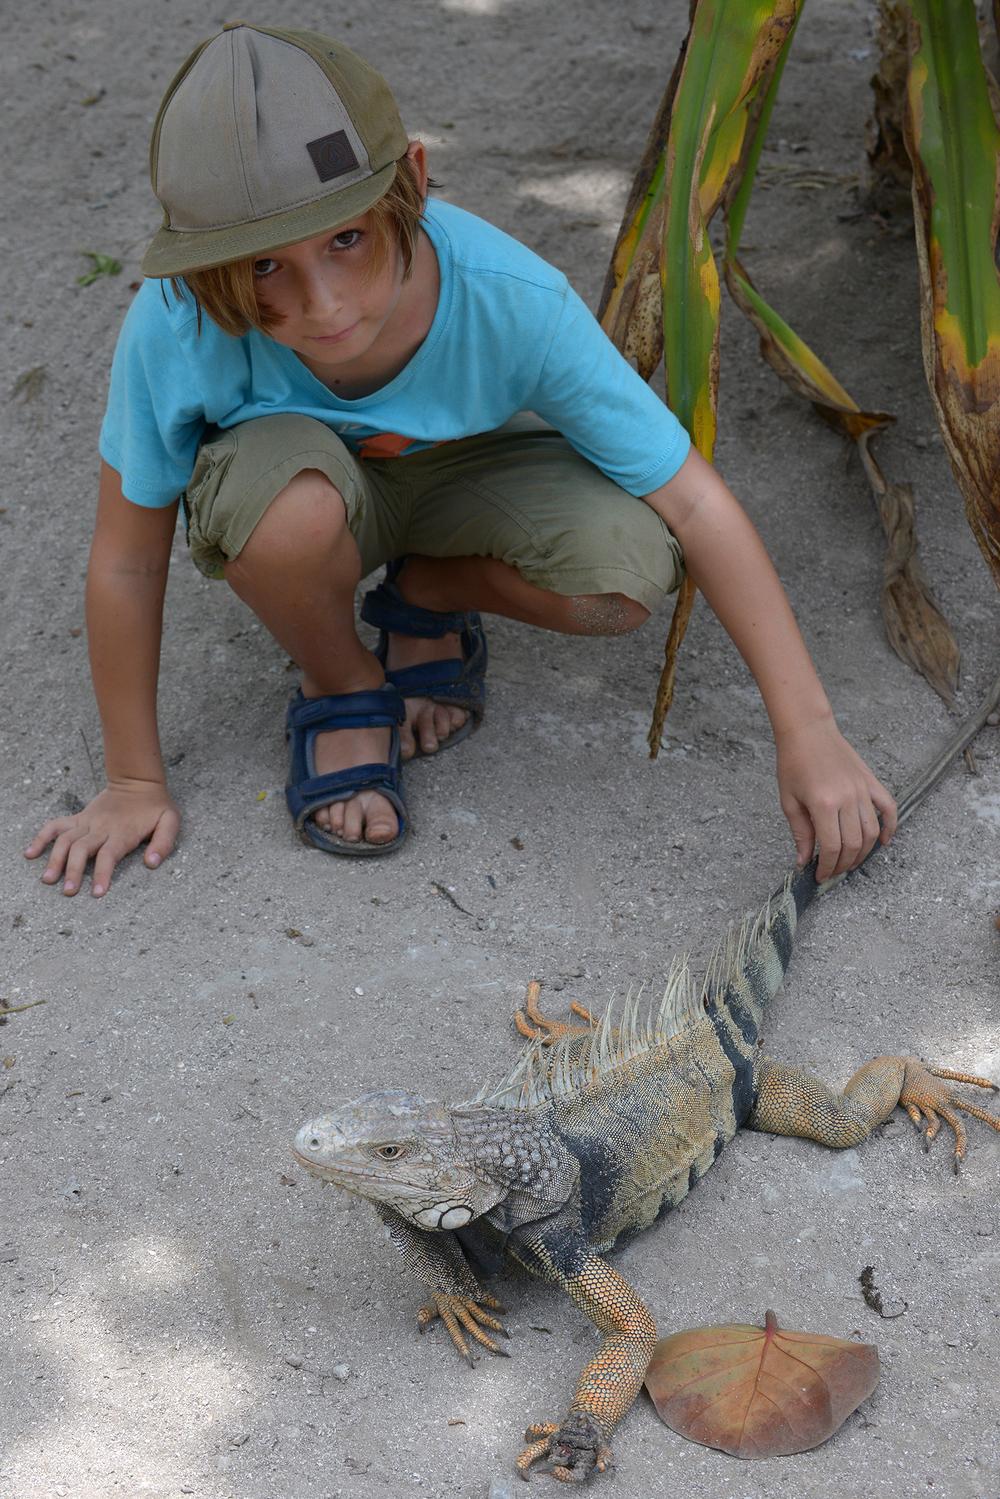 Iguana, Kolumbia, matkalla, matkablogi, matka, perhematka, Karibia, lomalla, blogi, lapset matkalle